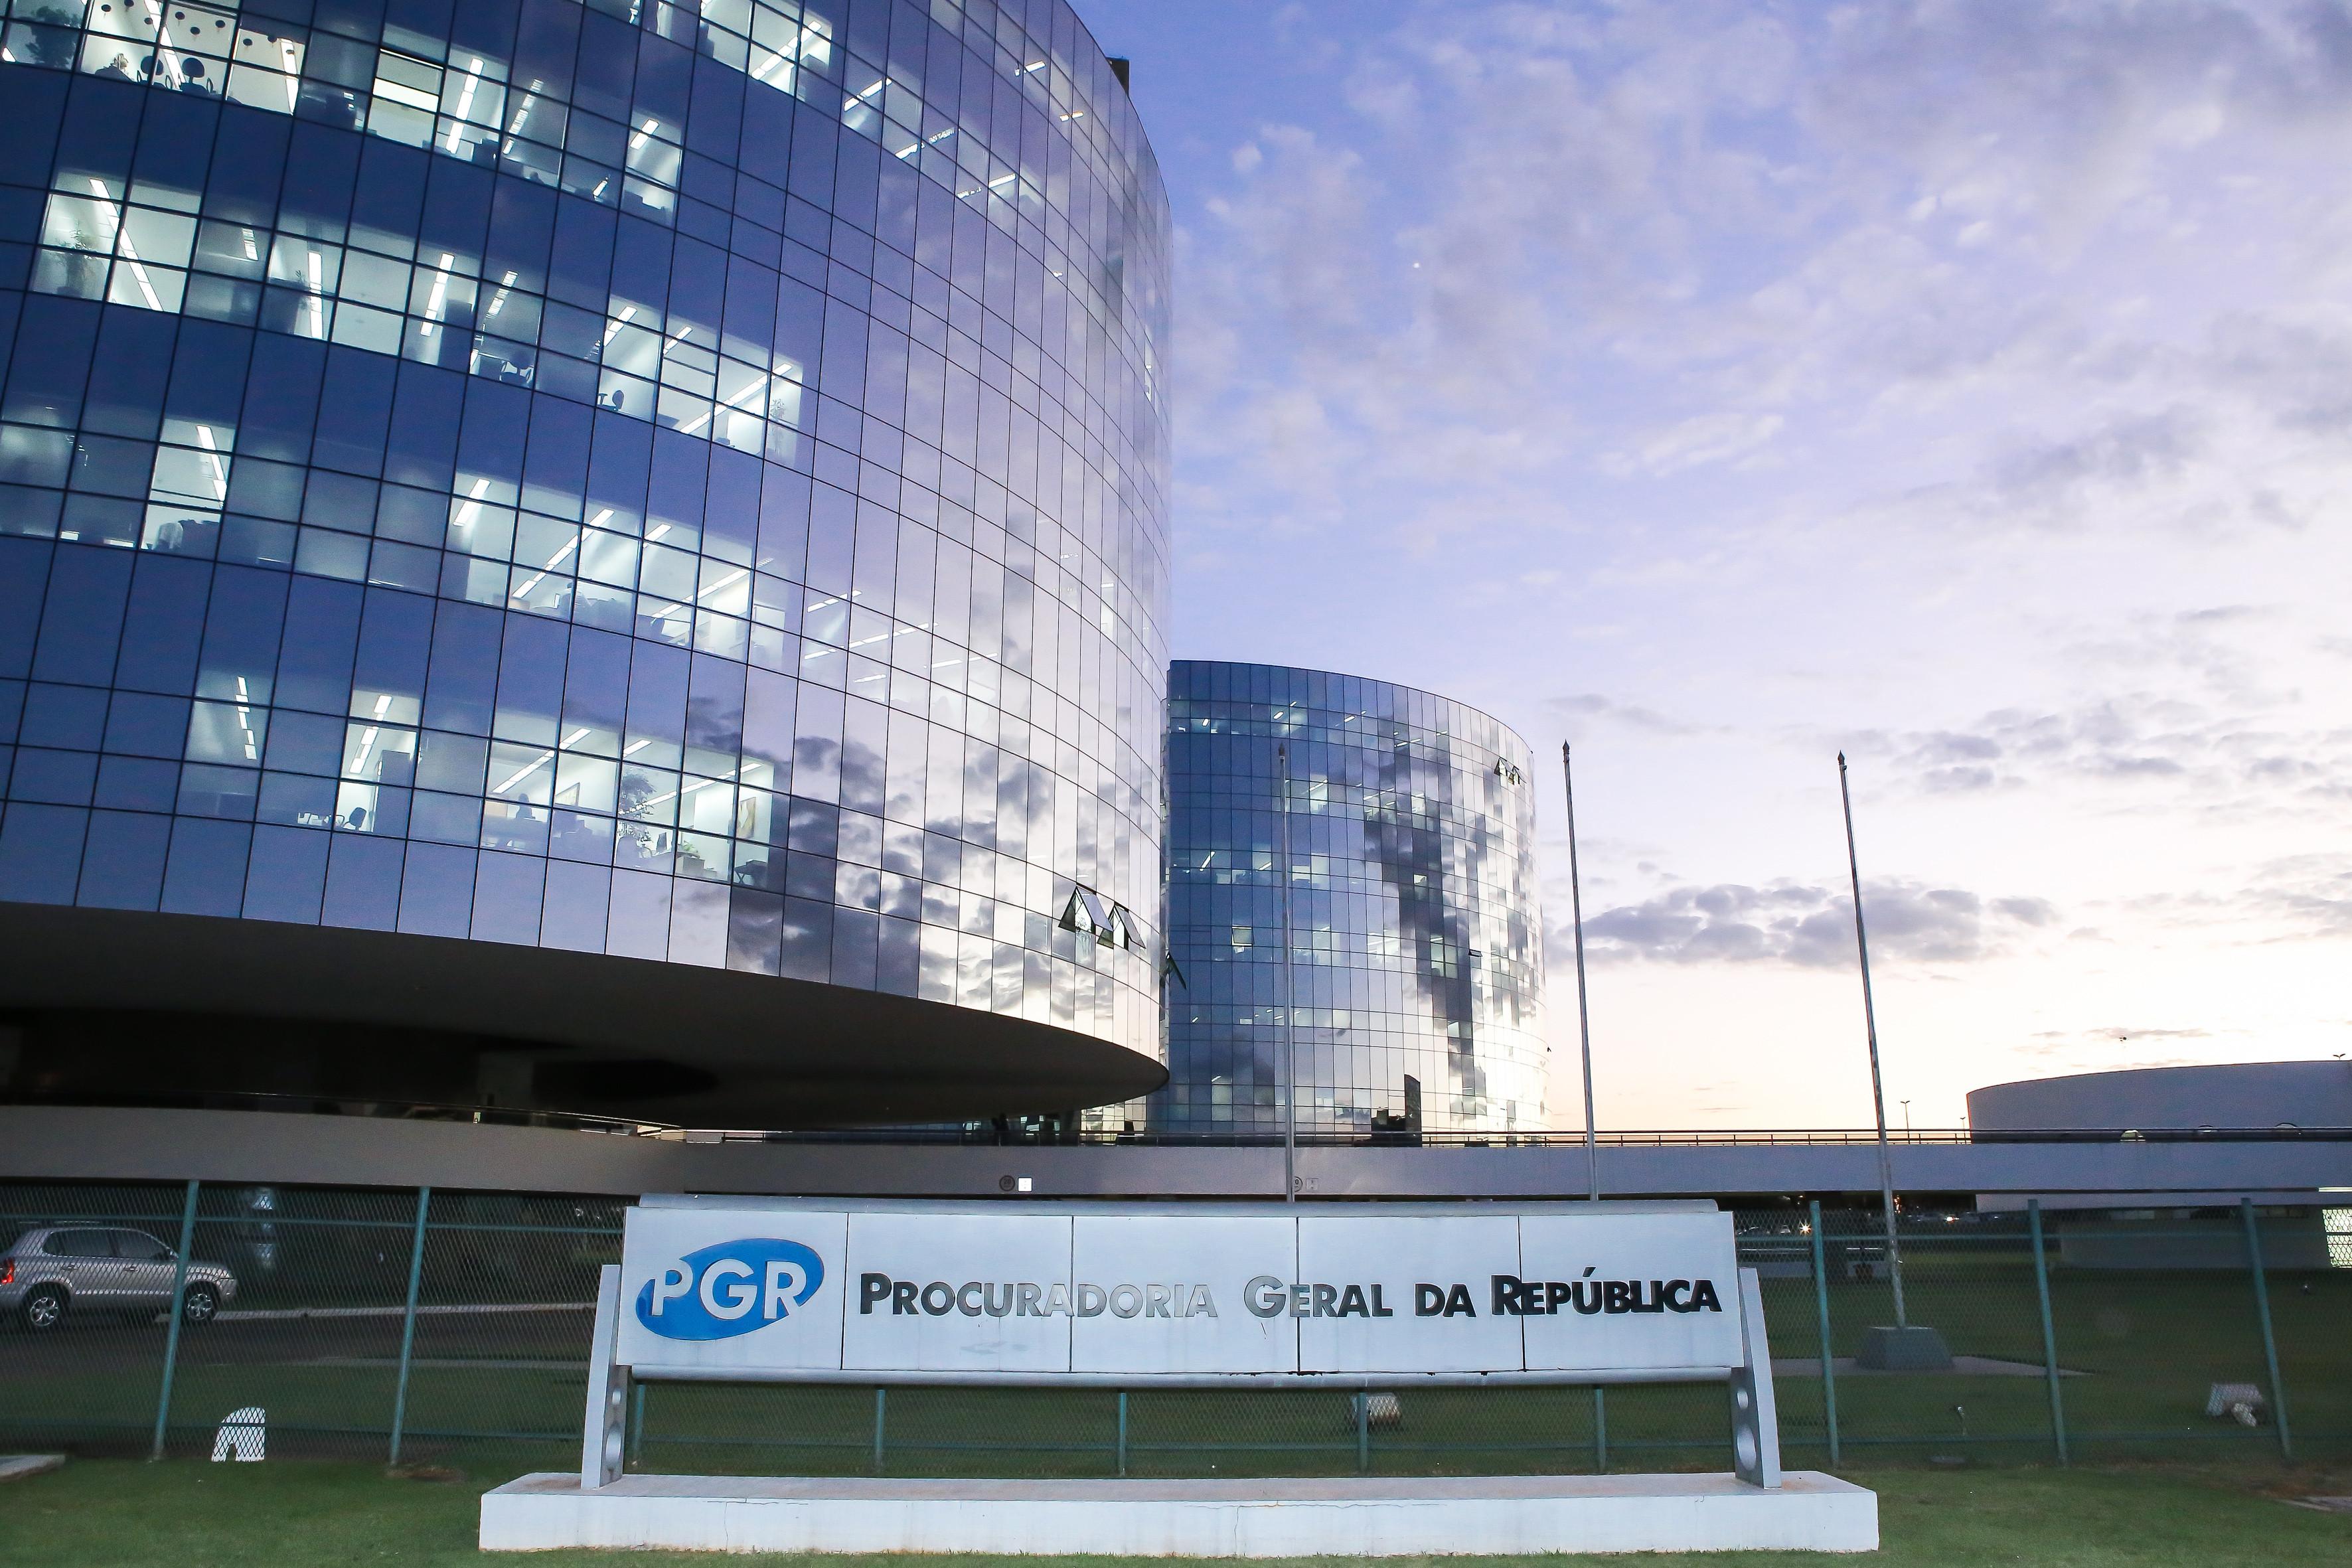 AGU tenta atingir MP, diz procurador sobre sucessão na PGR